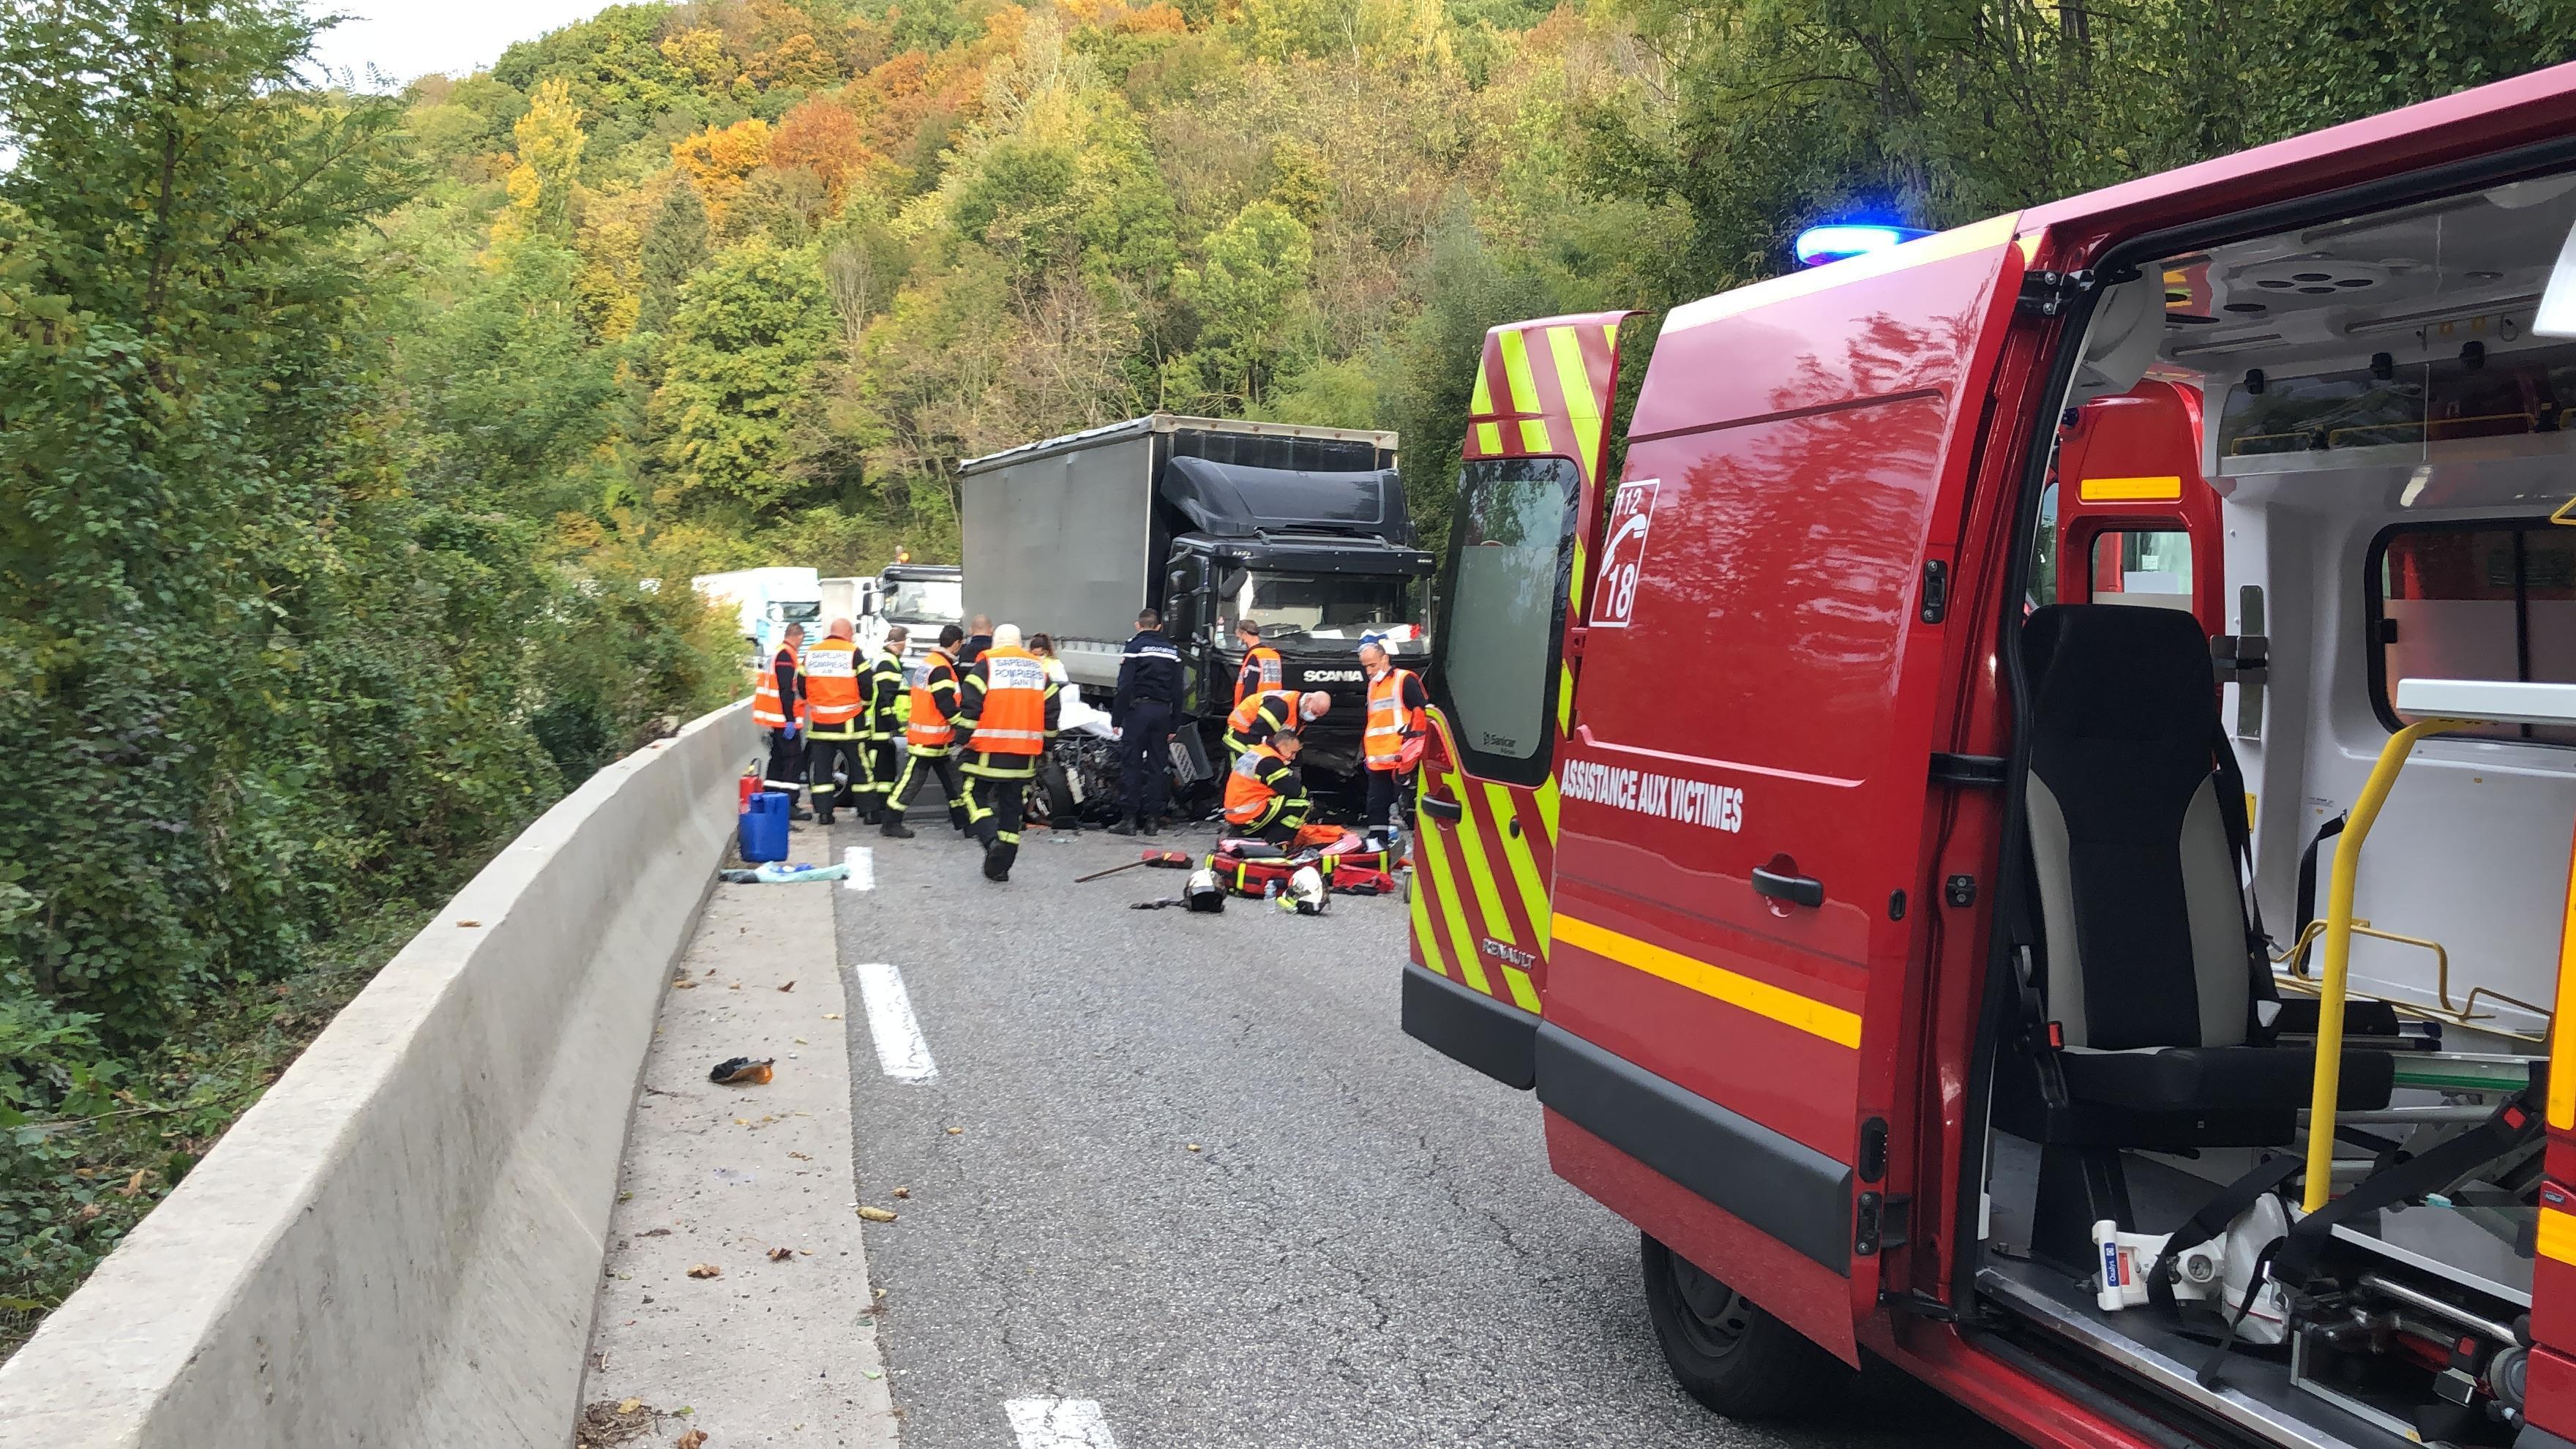 L'opération est terminé, les pompiers récupèrent leur matériel.